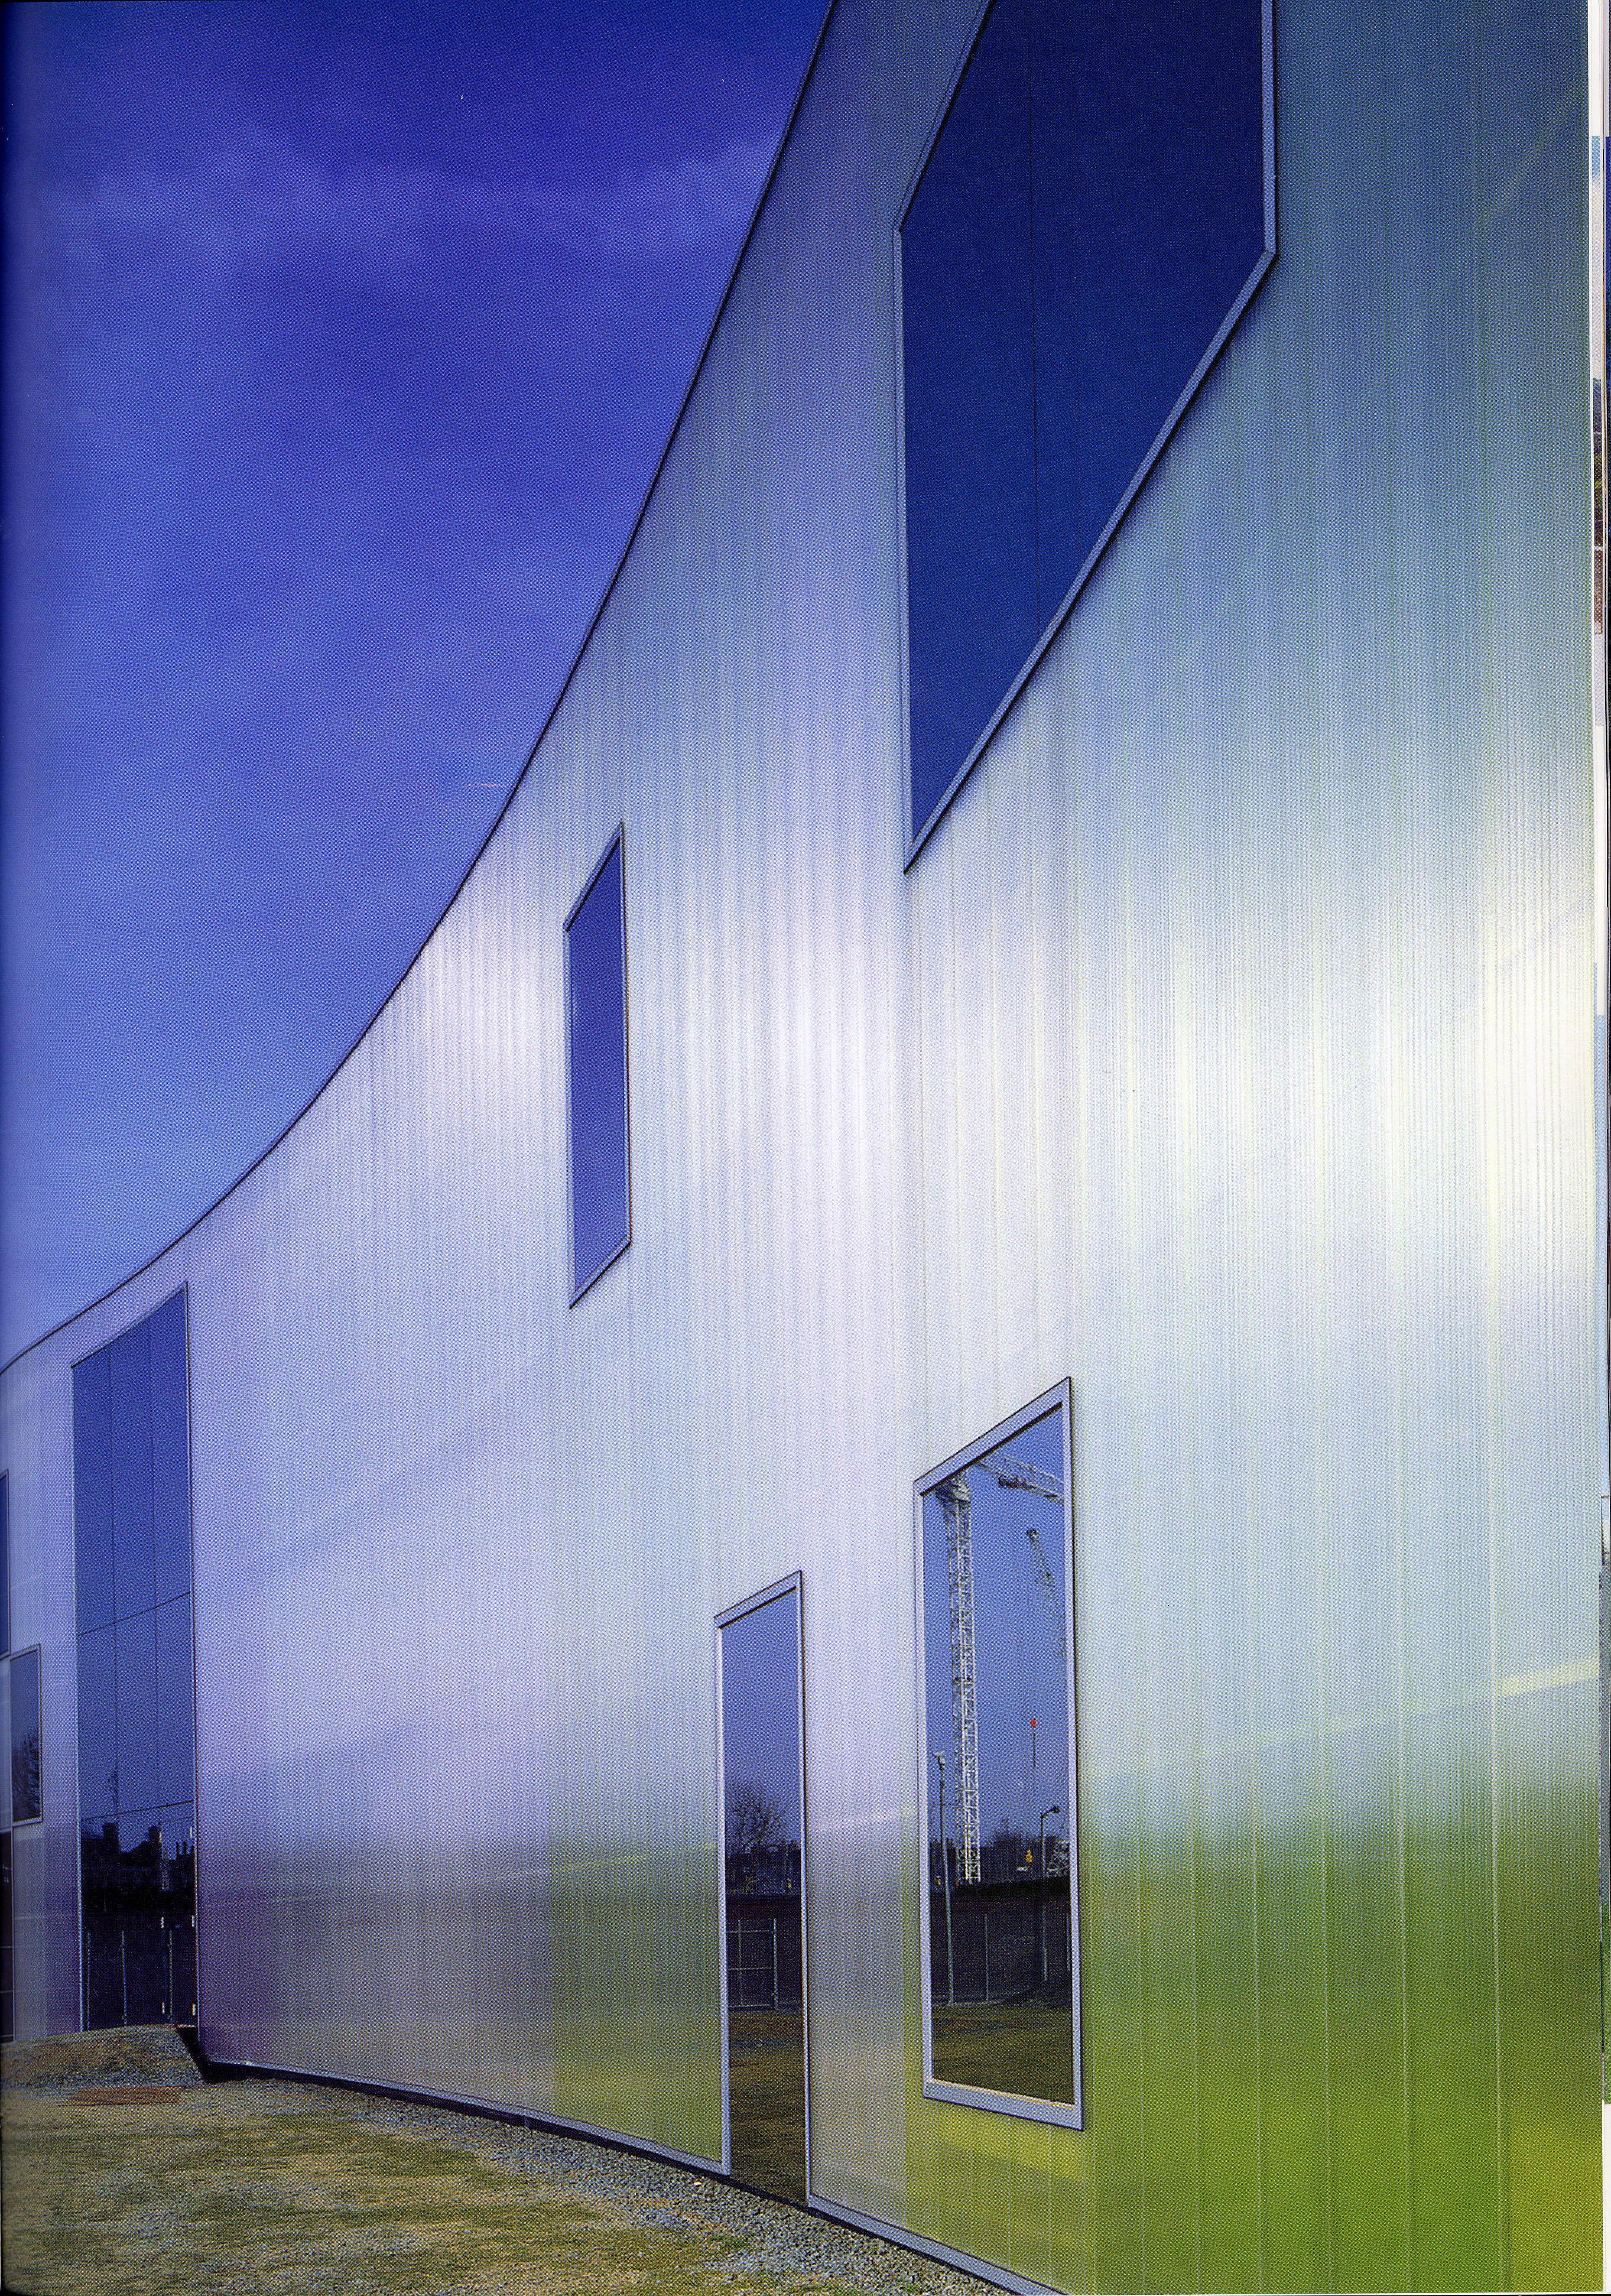 Color y arquitectura contempor nea peso visual - Colores verdes azulados ...